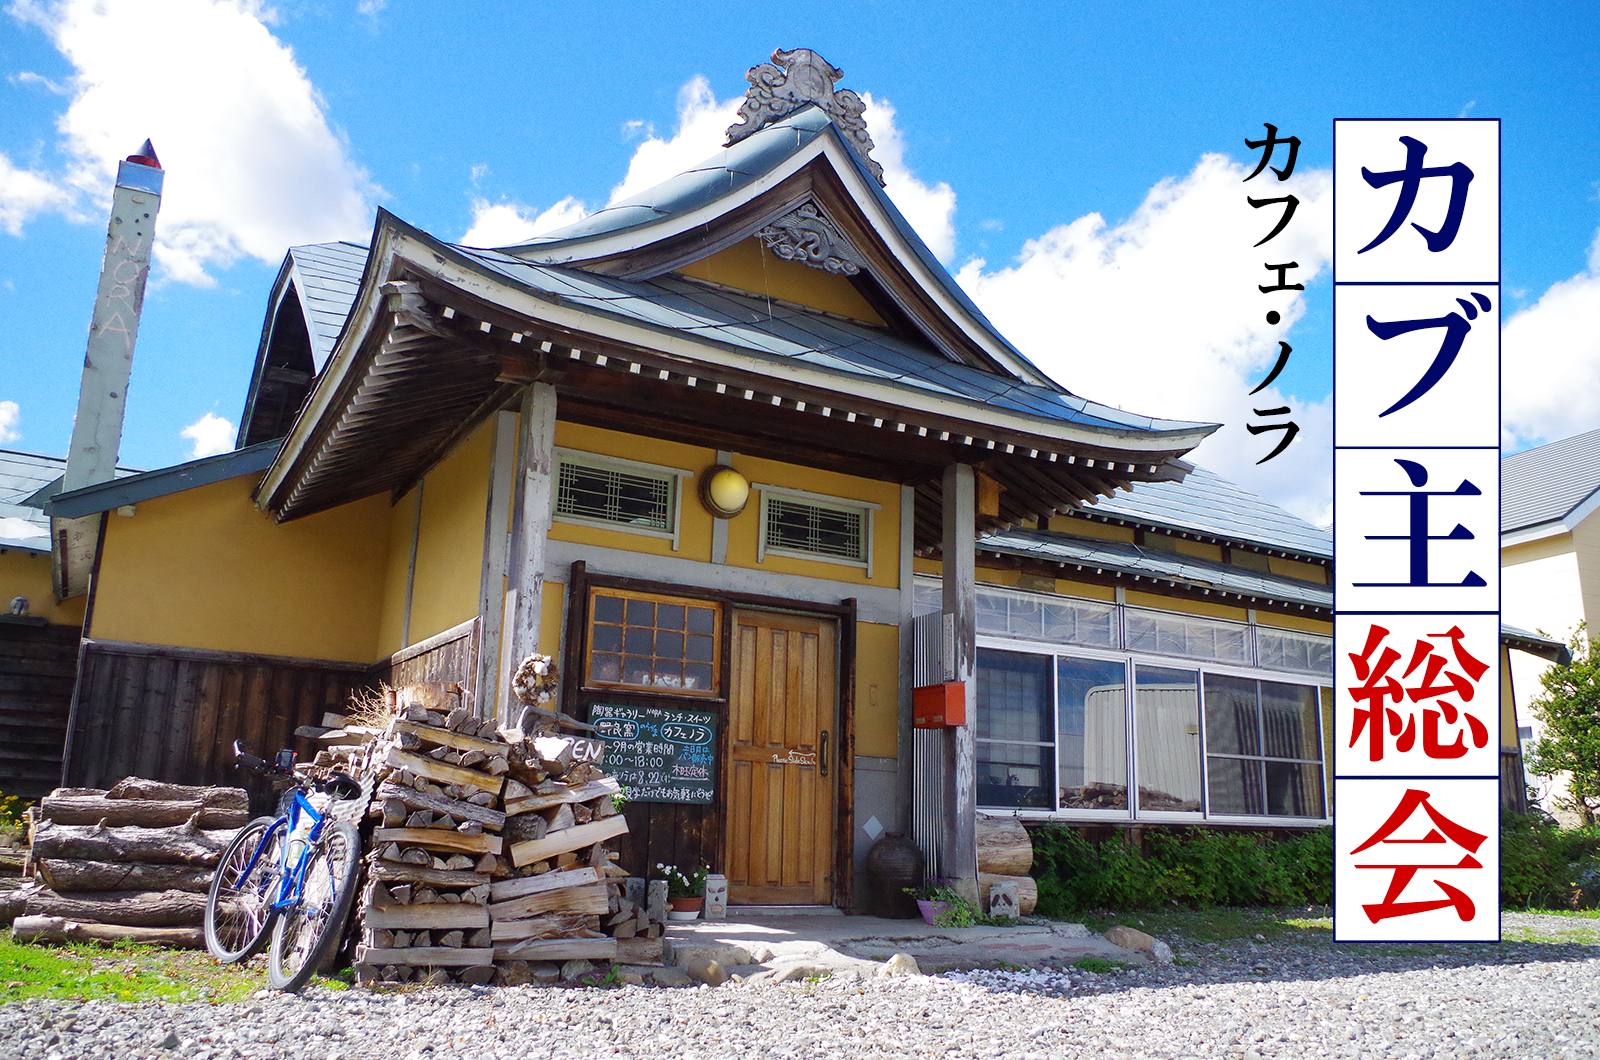 カブ主総会ってなに!? 旅人が集まる富良野の喫茶店「カフェ・ノラ」